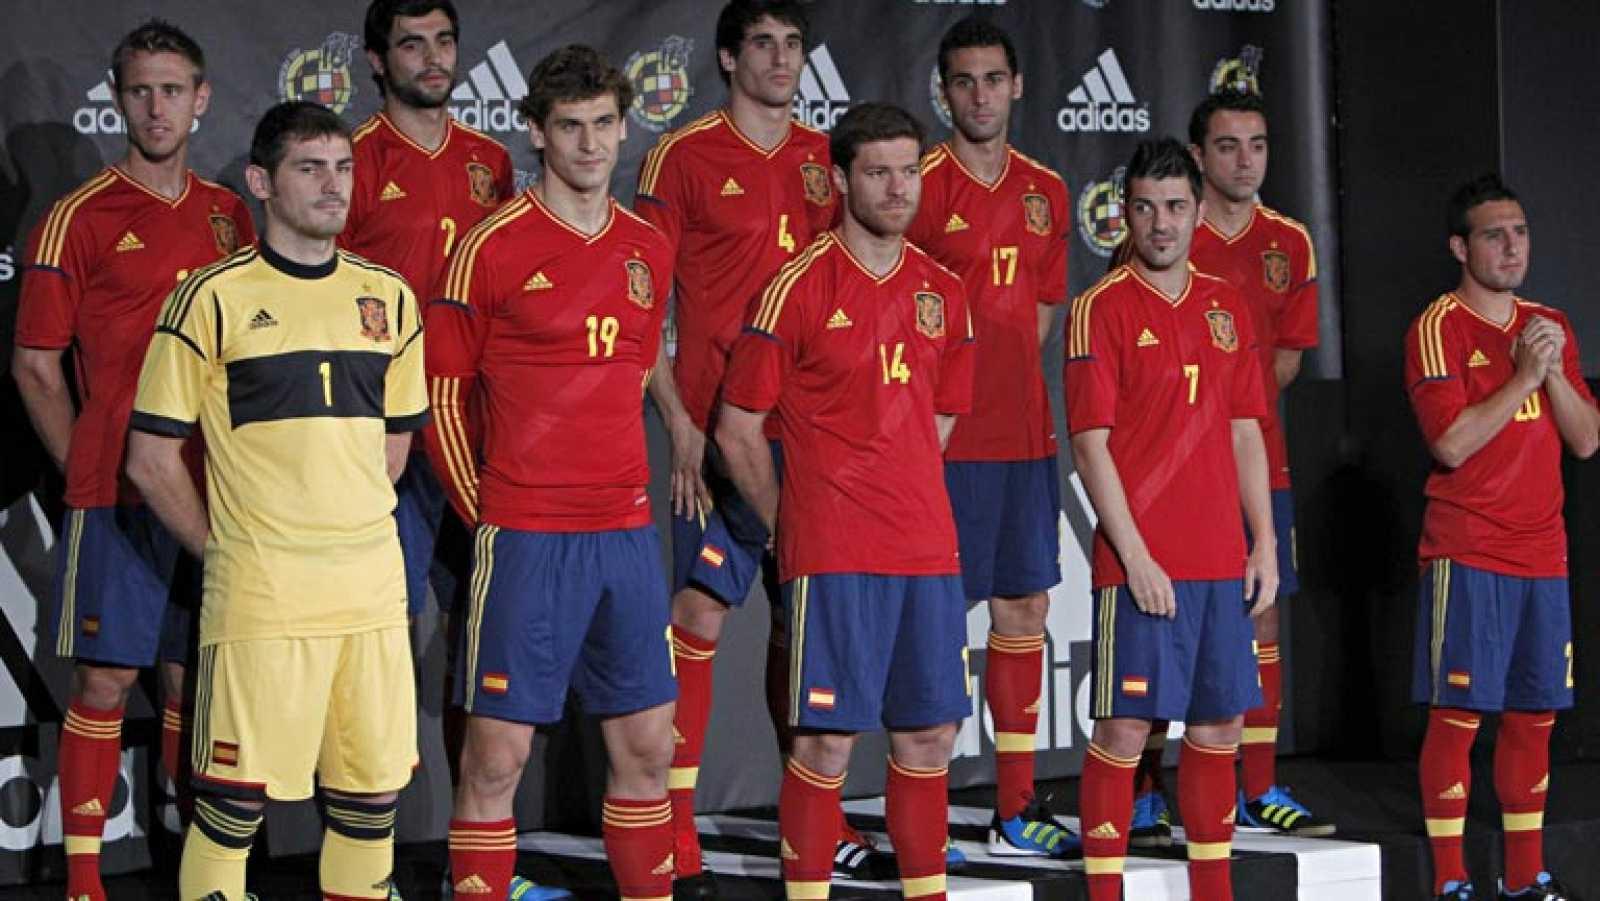 La selección española de fútbol presenta la camiseta que lucirá a partir de ahora en los siguientes compromisos y durante la Eurocopa 2012, con nuevo lema: El pasado no importa, hay que empezar de cero.